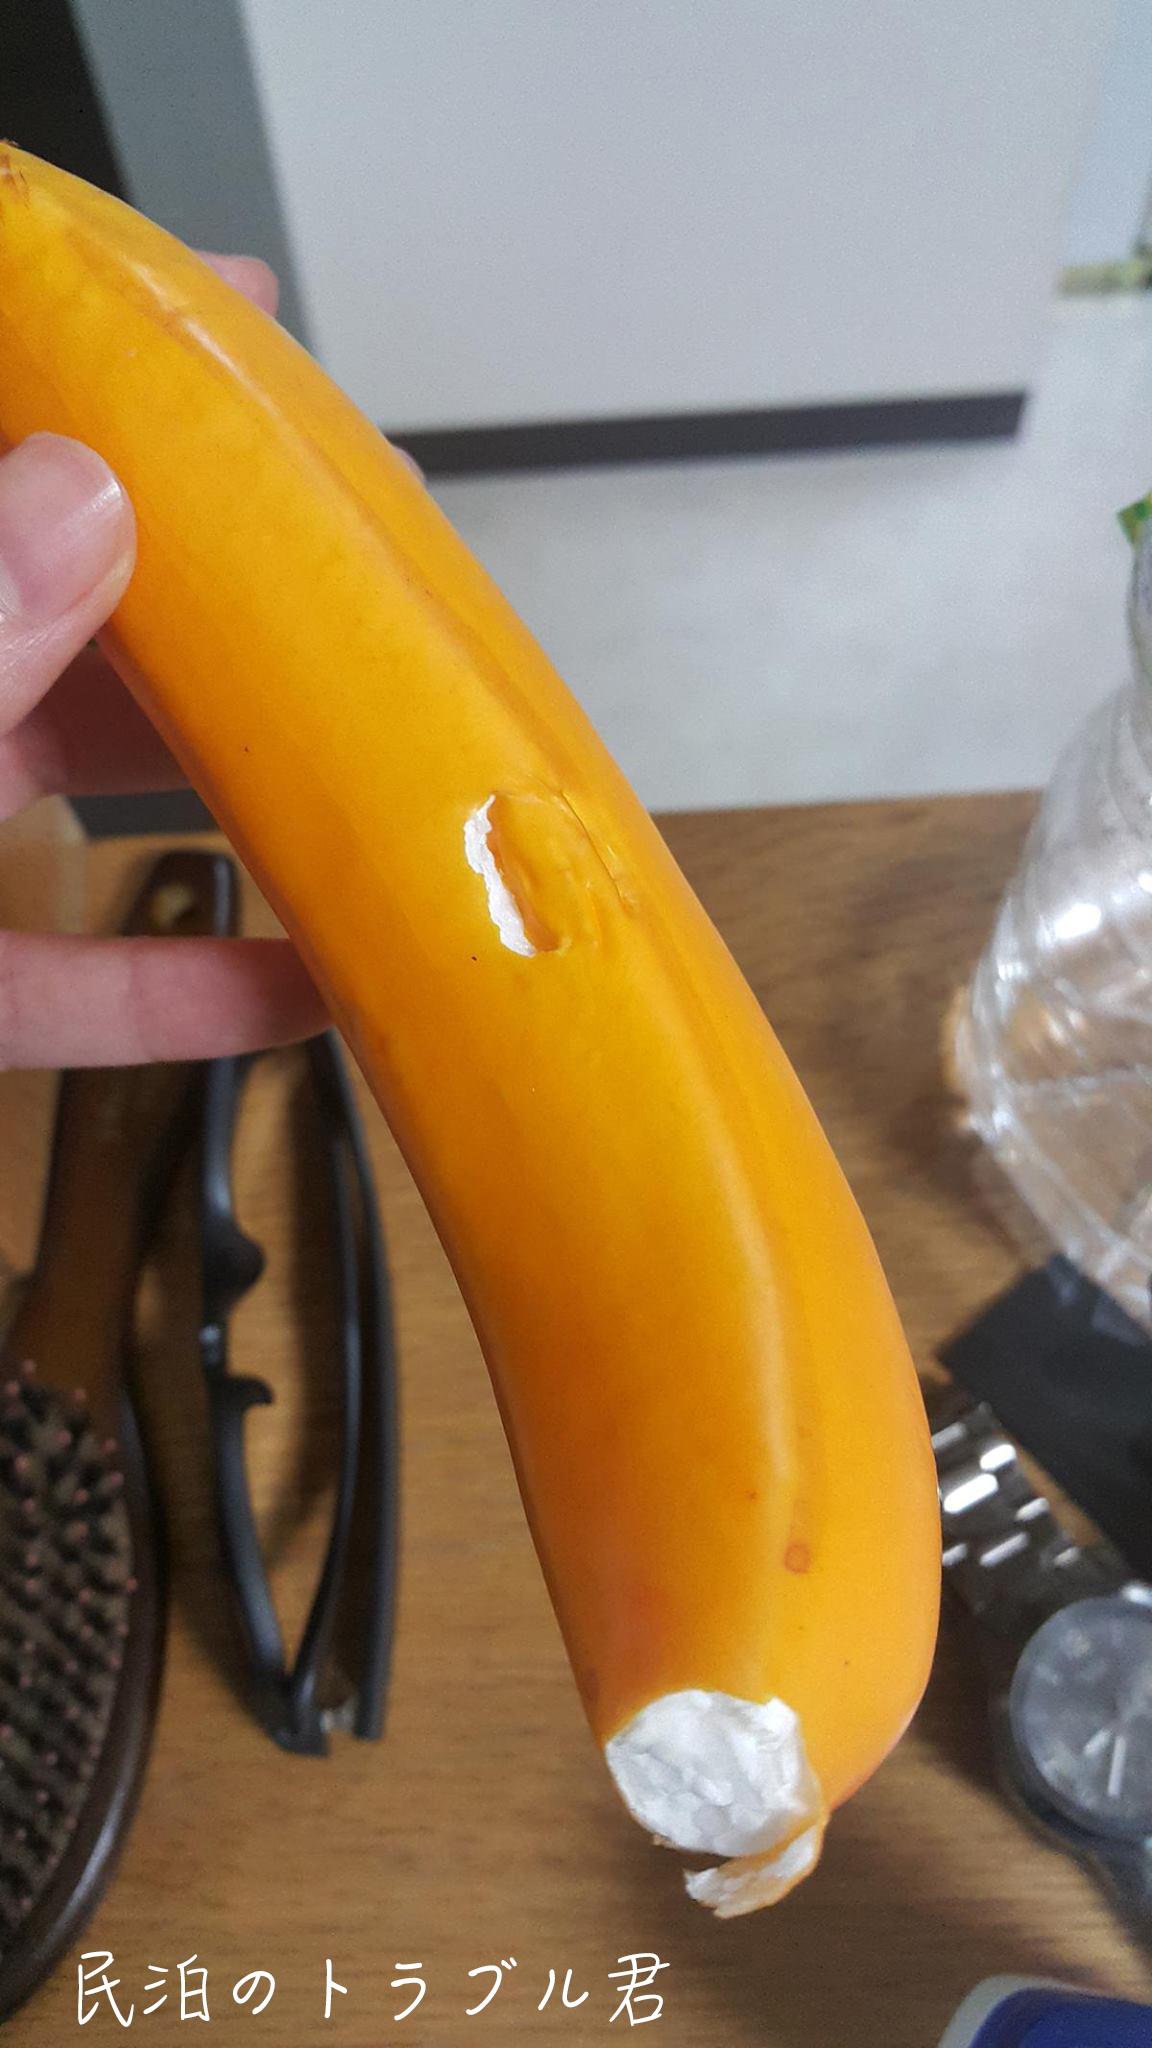 【破損】赤ちゃんバナナ誤食!!